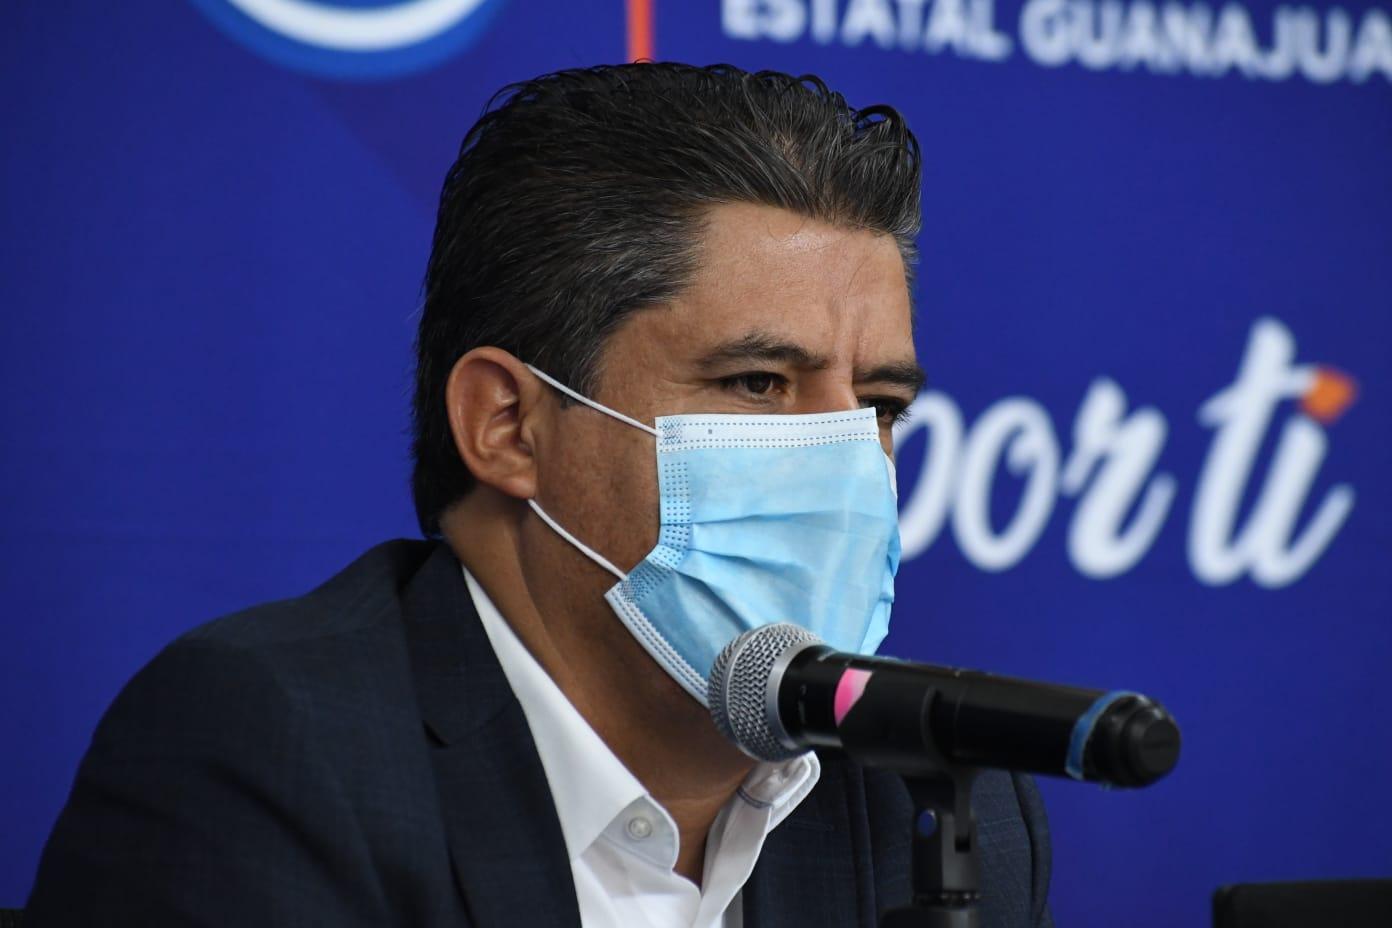 Elecciones del 6 de junio no están en riesgo pese a violencia: PAN Guanajuato